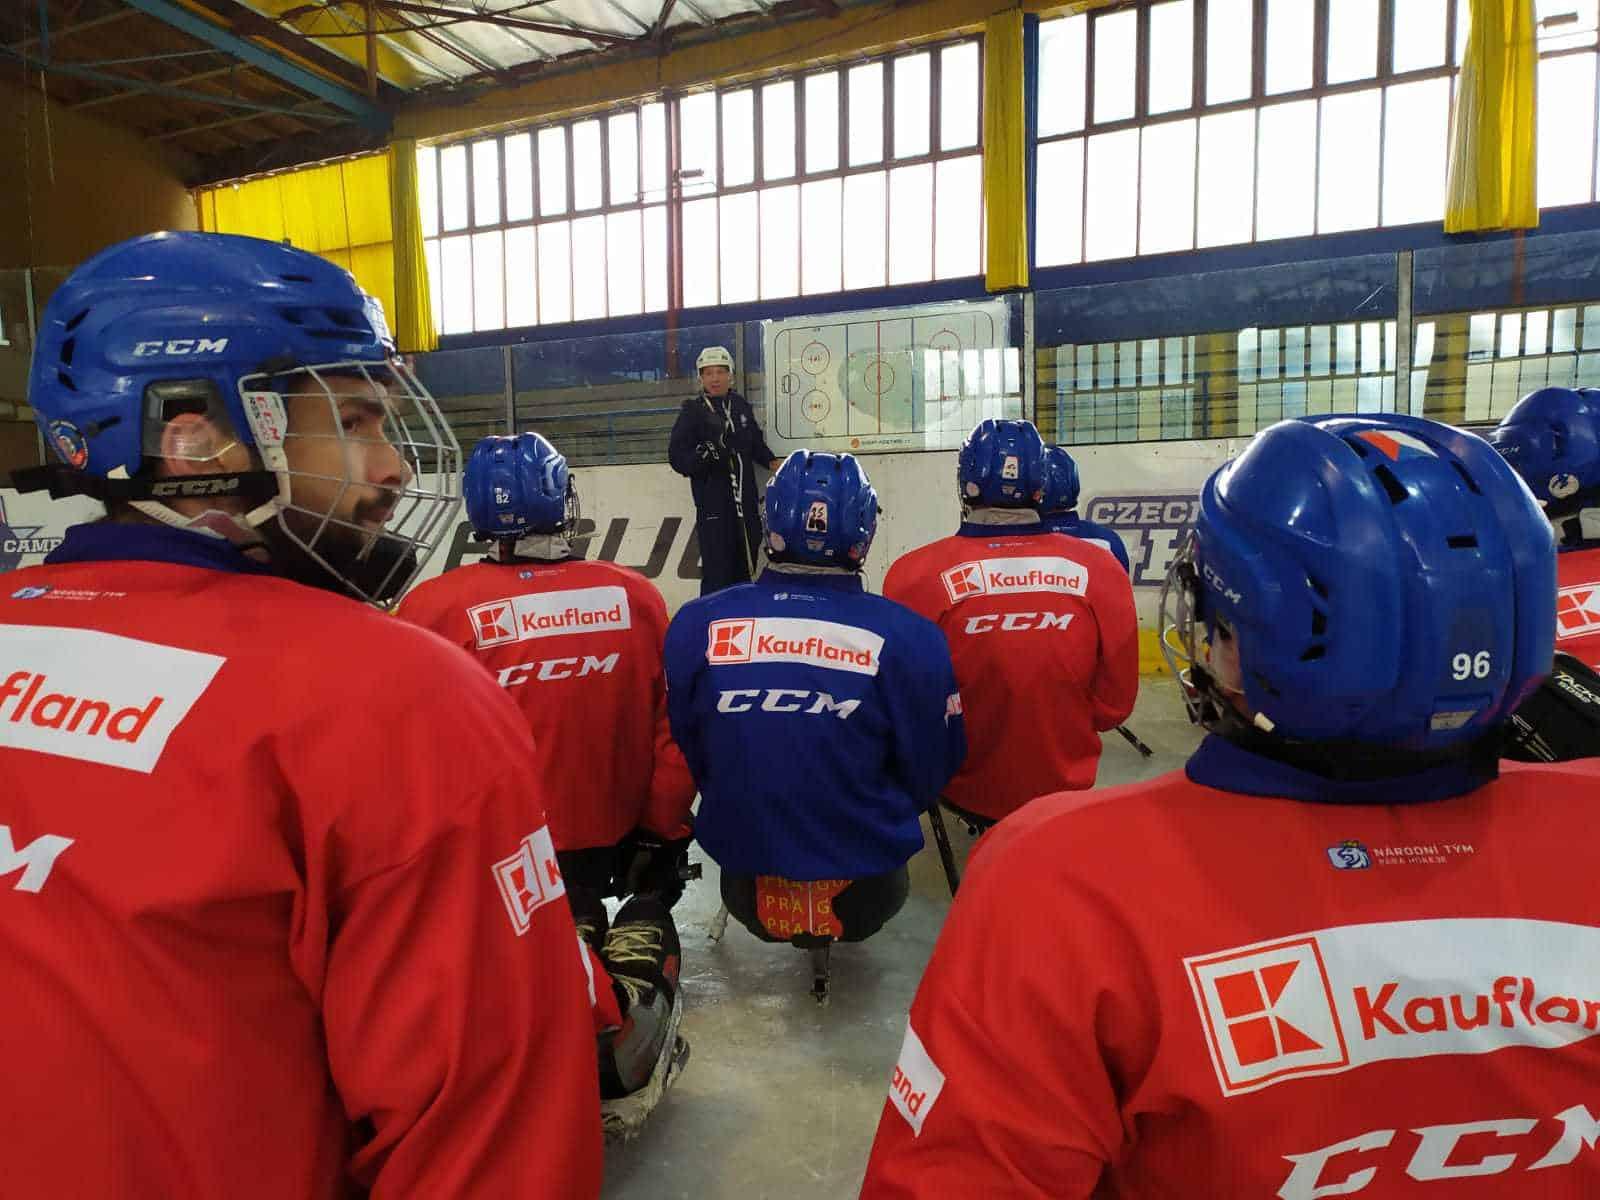 Para hokejisté opět na ledě